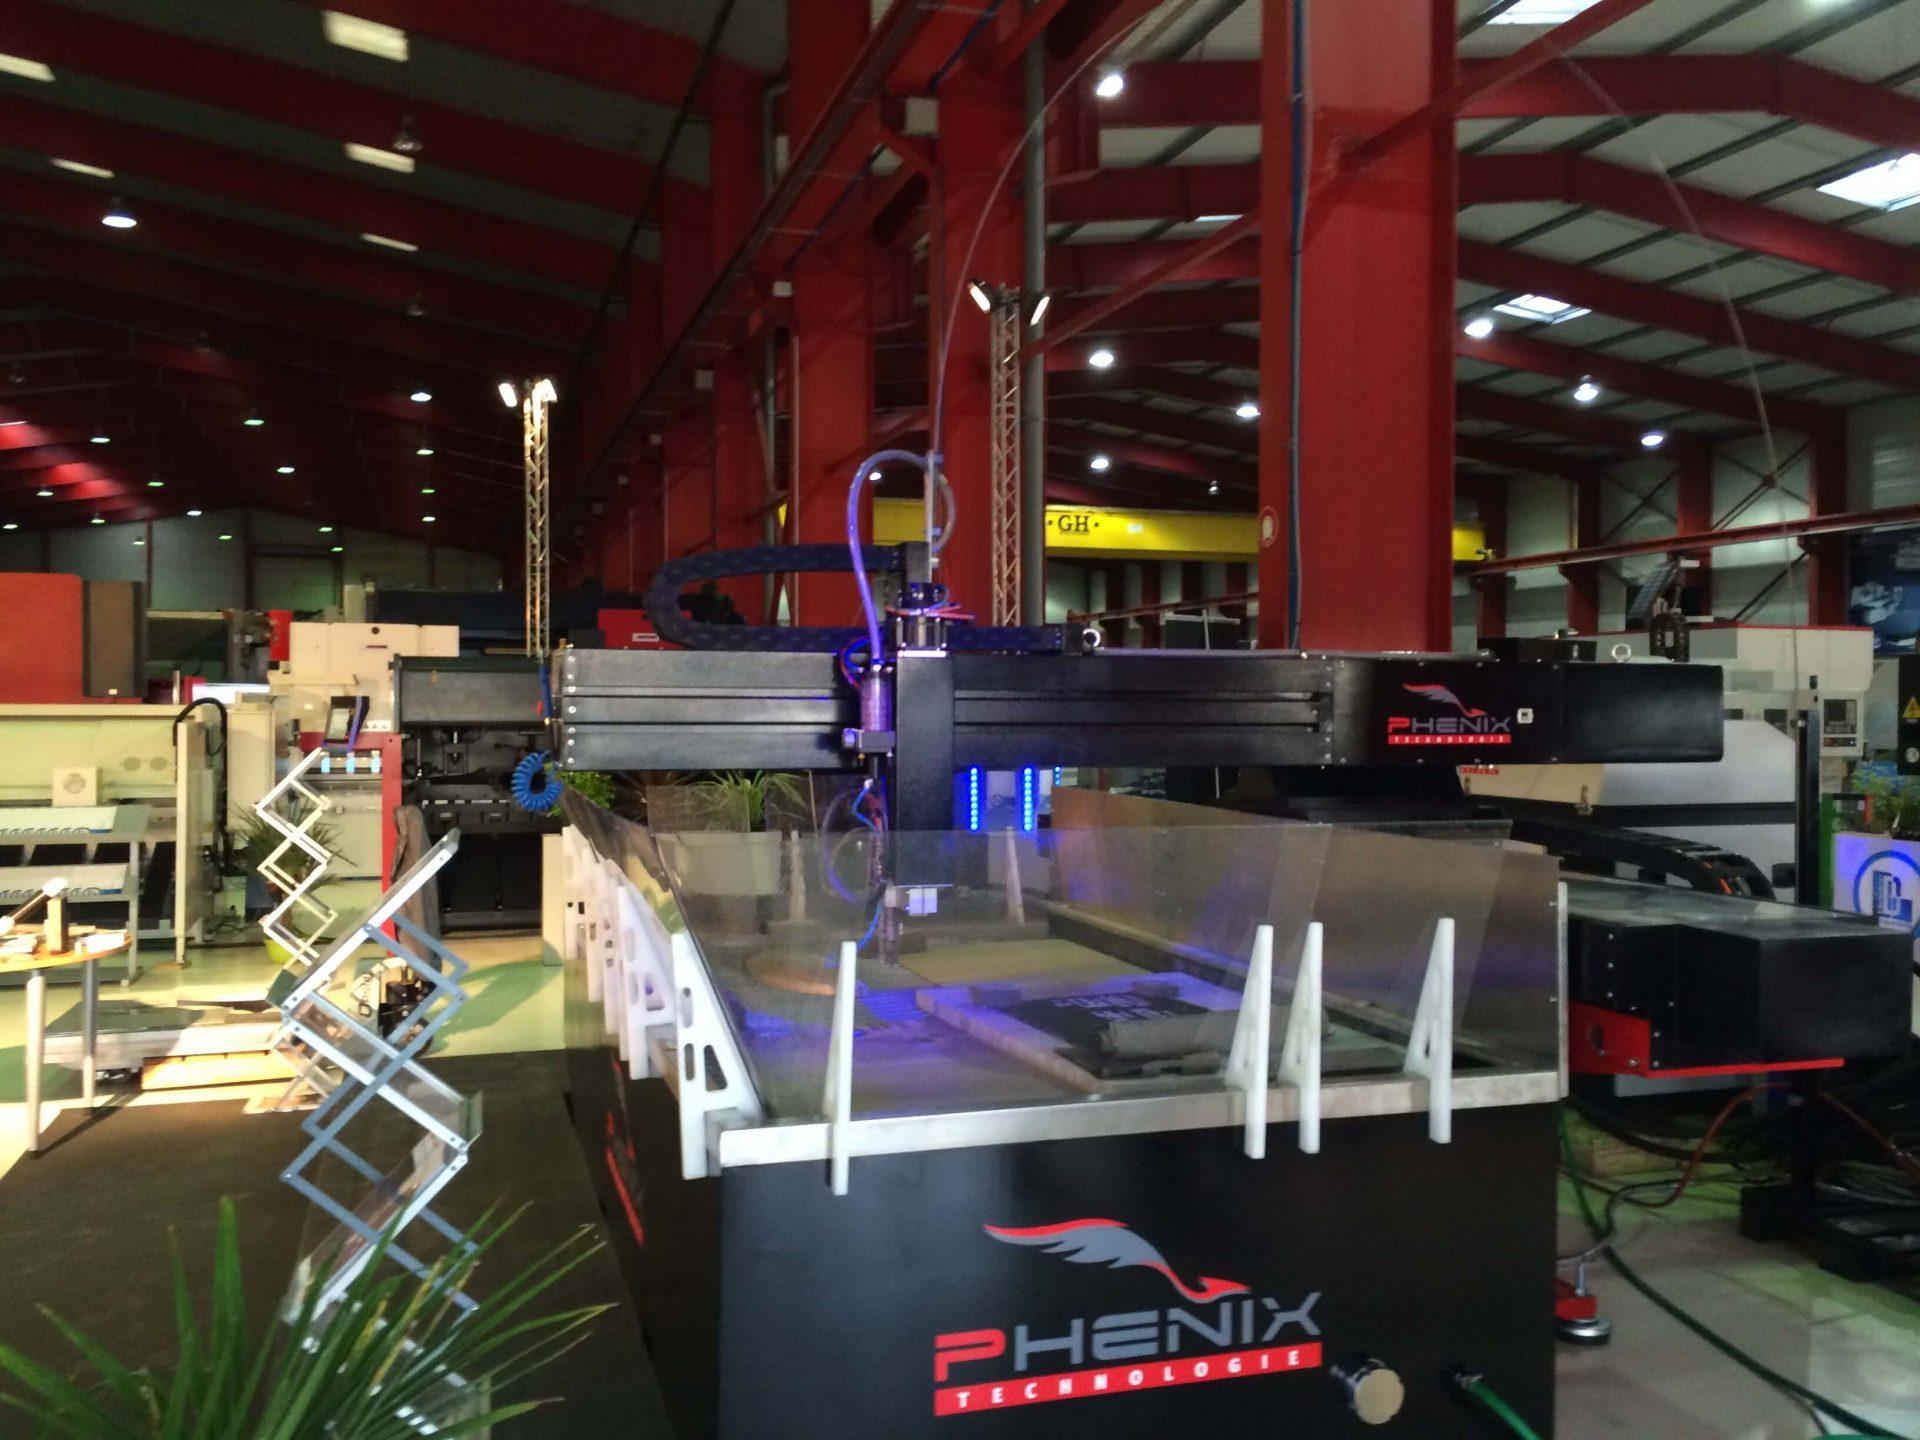 decoupe jet d eau PHENIX TECHNOLOGIE2 e1479218092157 - Phénix Technologie présent aux portes ouvertes de Didelon Machines Outils